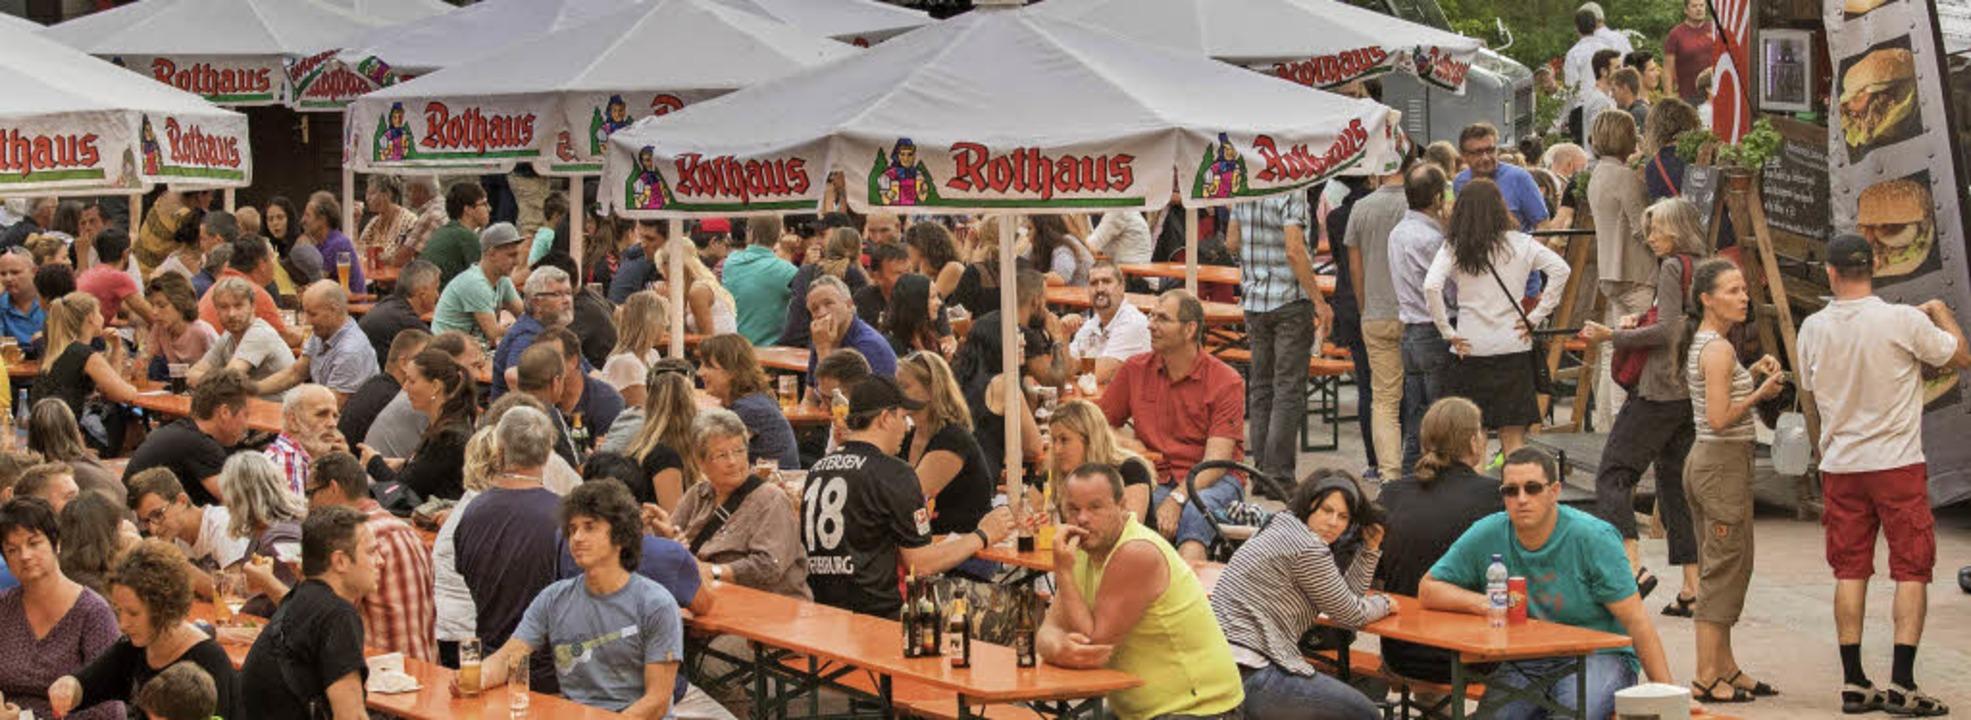 Groß war der Andrang der  Besucher bei...onalen Food Truck Festival in Rothaus.  | Foto: Christiane Seifried